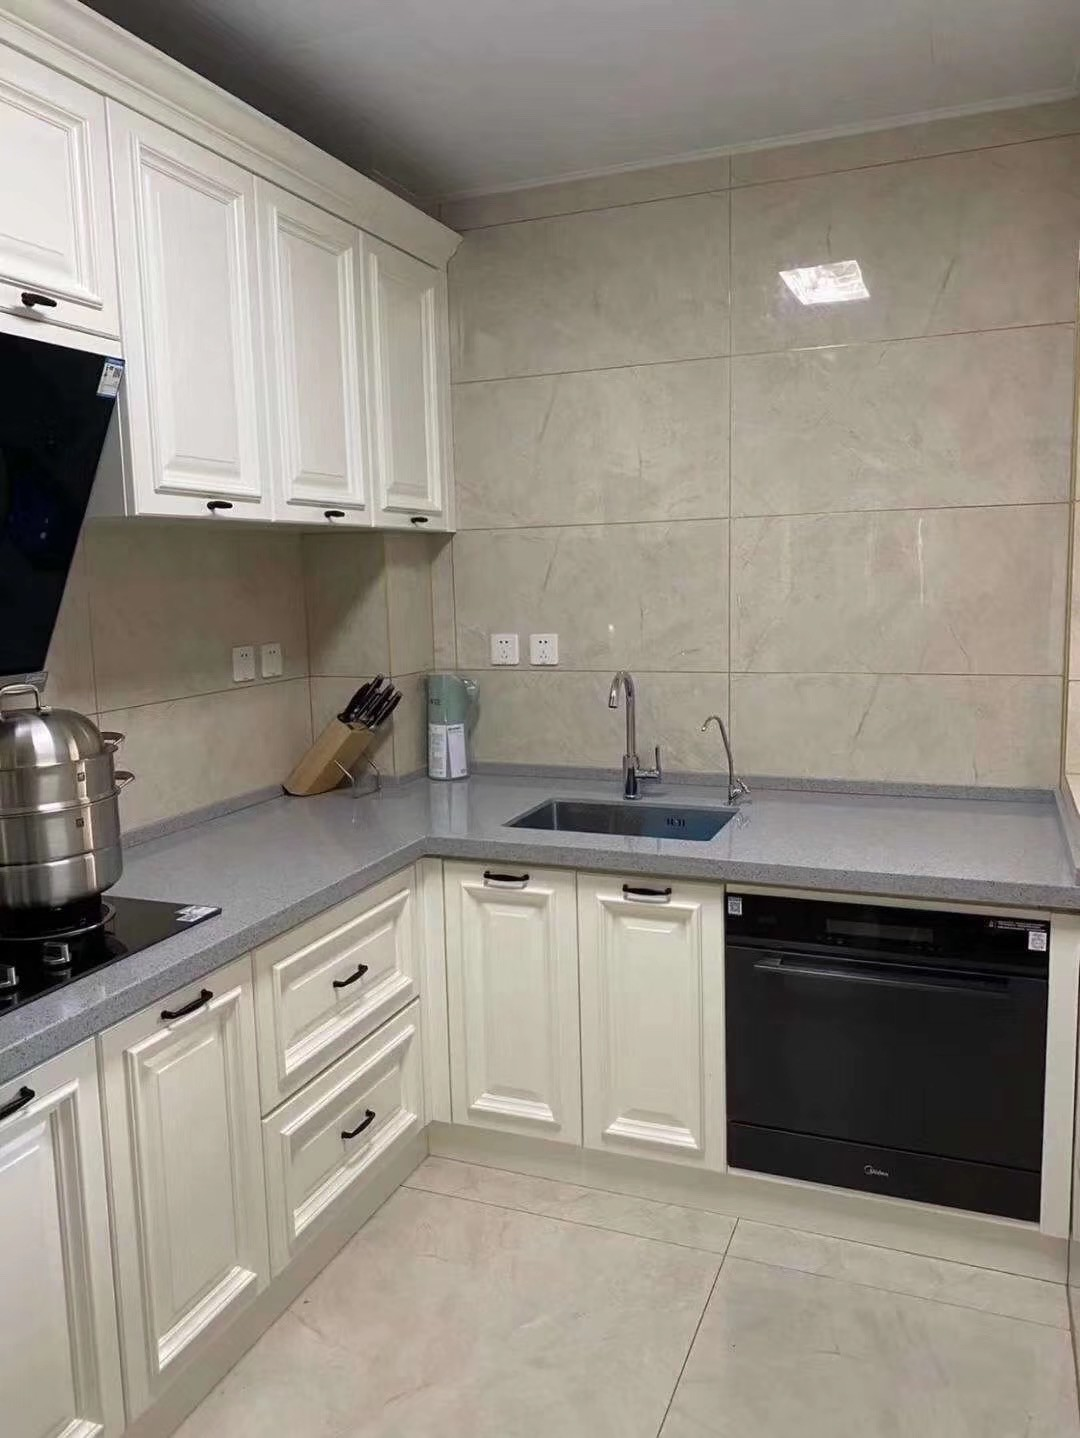 2020美式厨房装修图 2020美式灶台装修图片